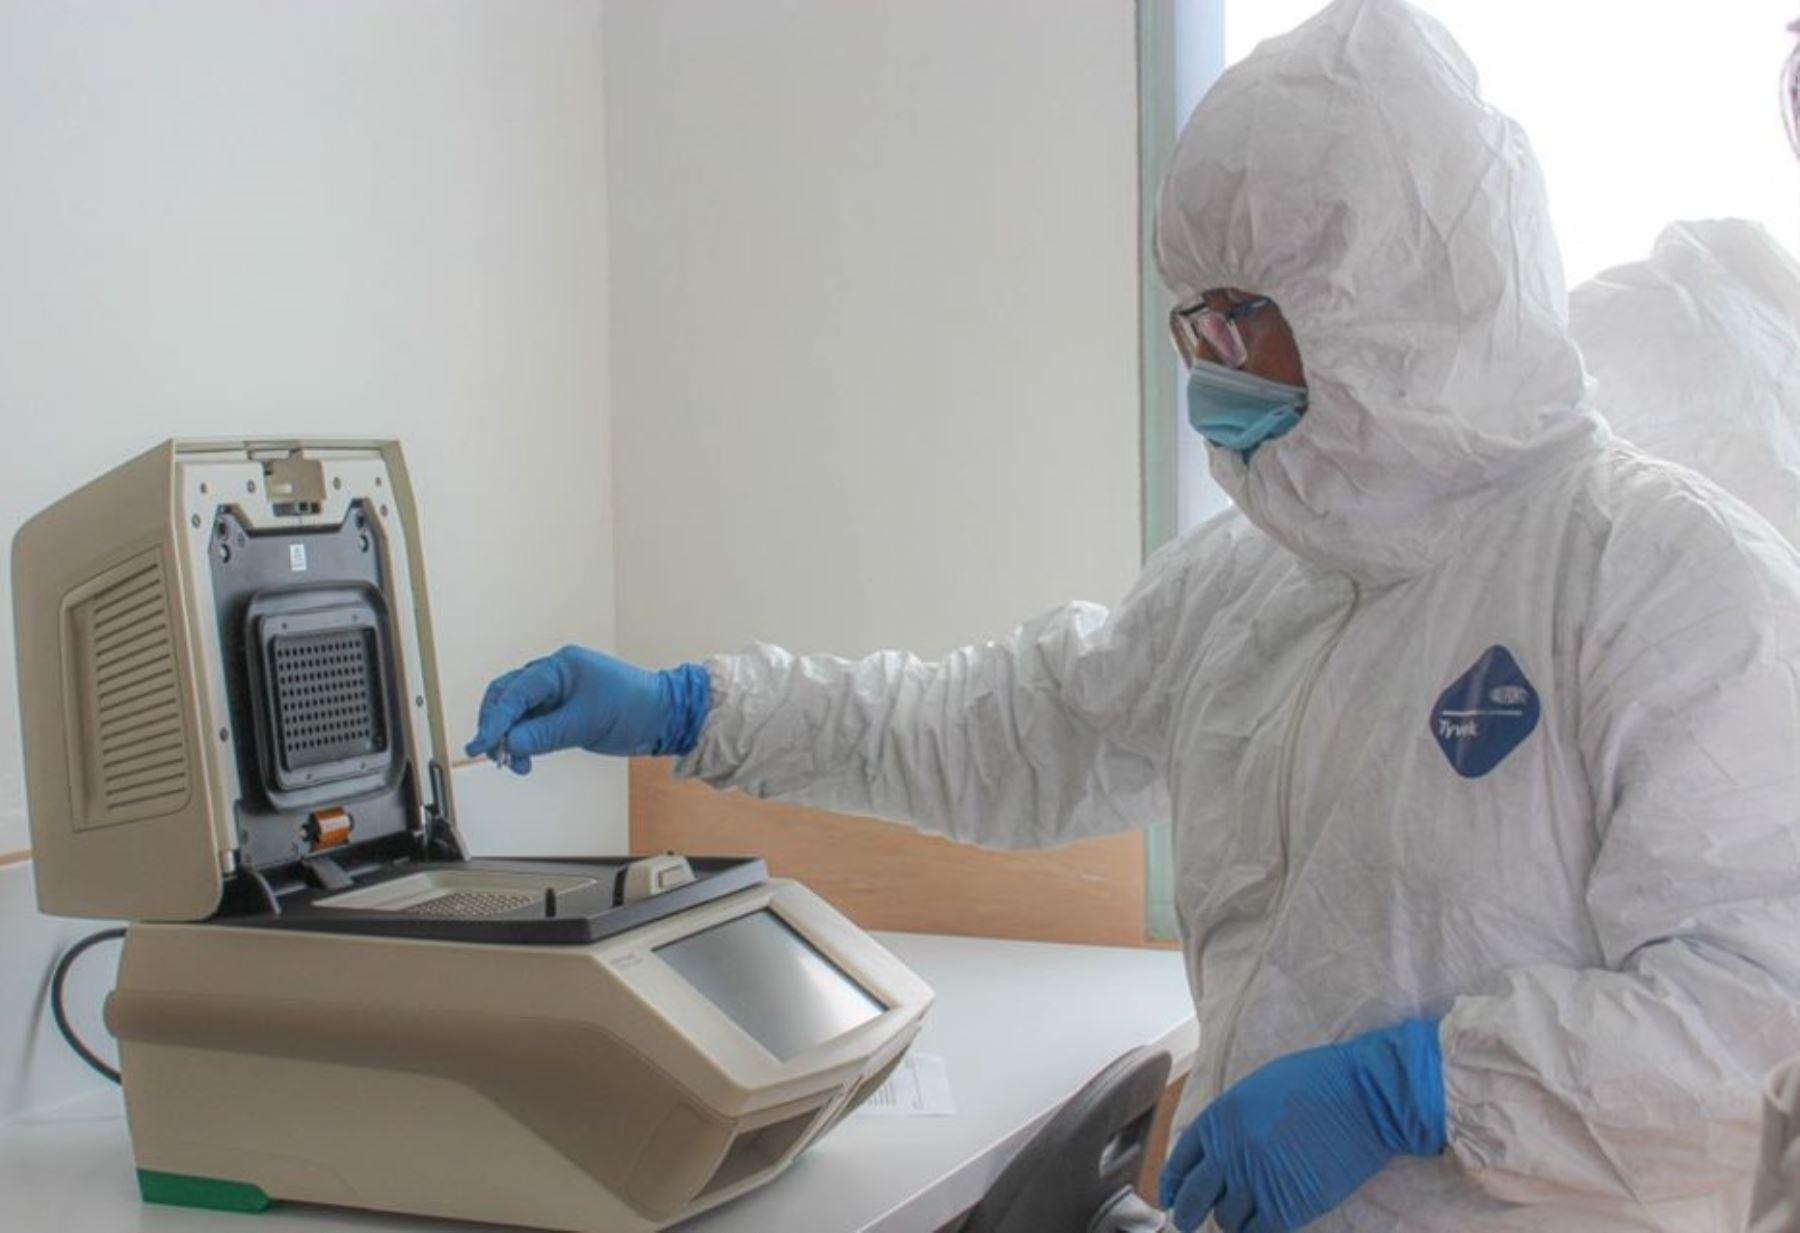 Puno pone en funcionamiento su laboratorio de biología molecular con las 5,000 pruebas moleculares enviadas por el Ministerio de Salud. ANDINA/Difusión